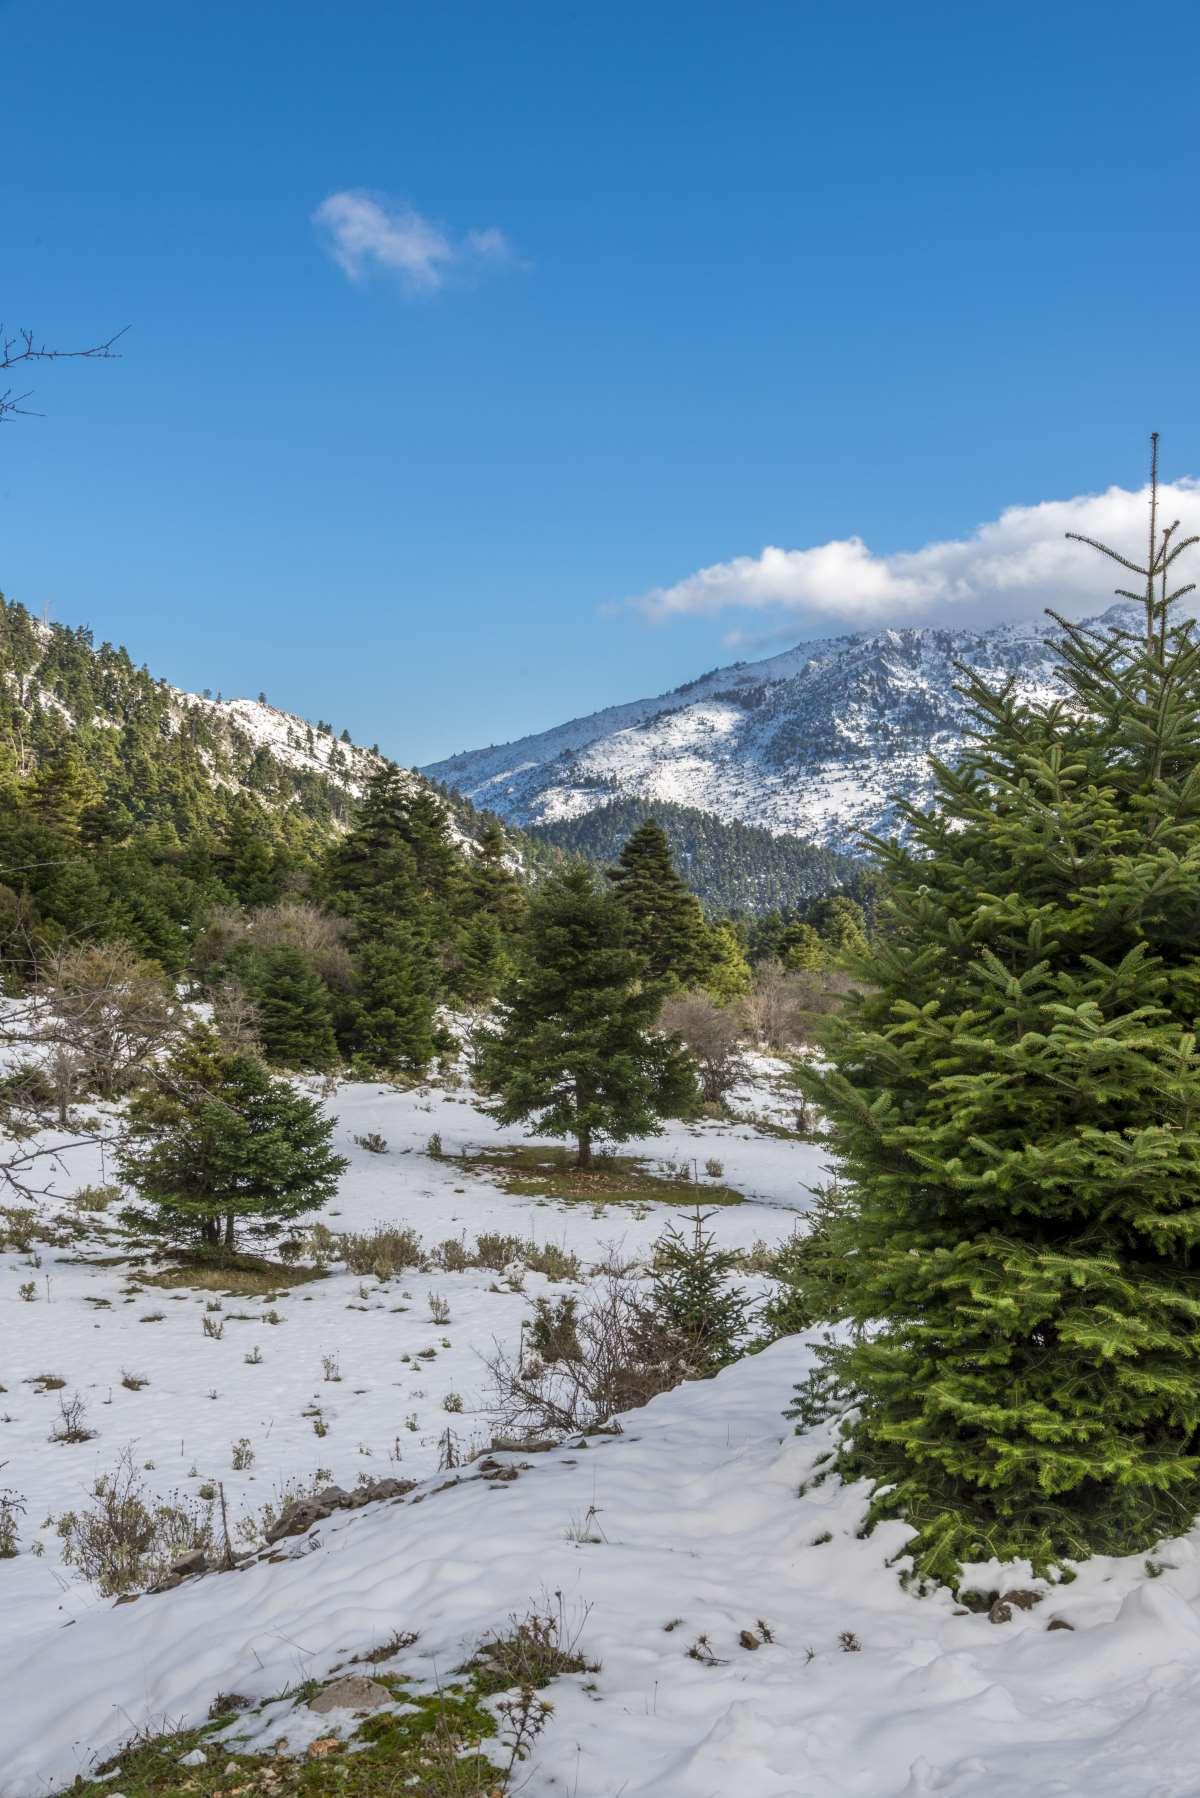 Κυριάκι Βοιωτίας, χιόνια μέσα στο δάσος, Ελικώνας